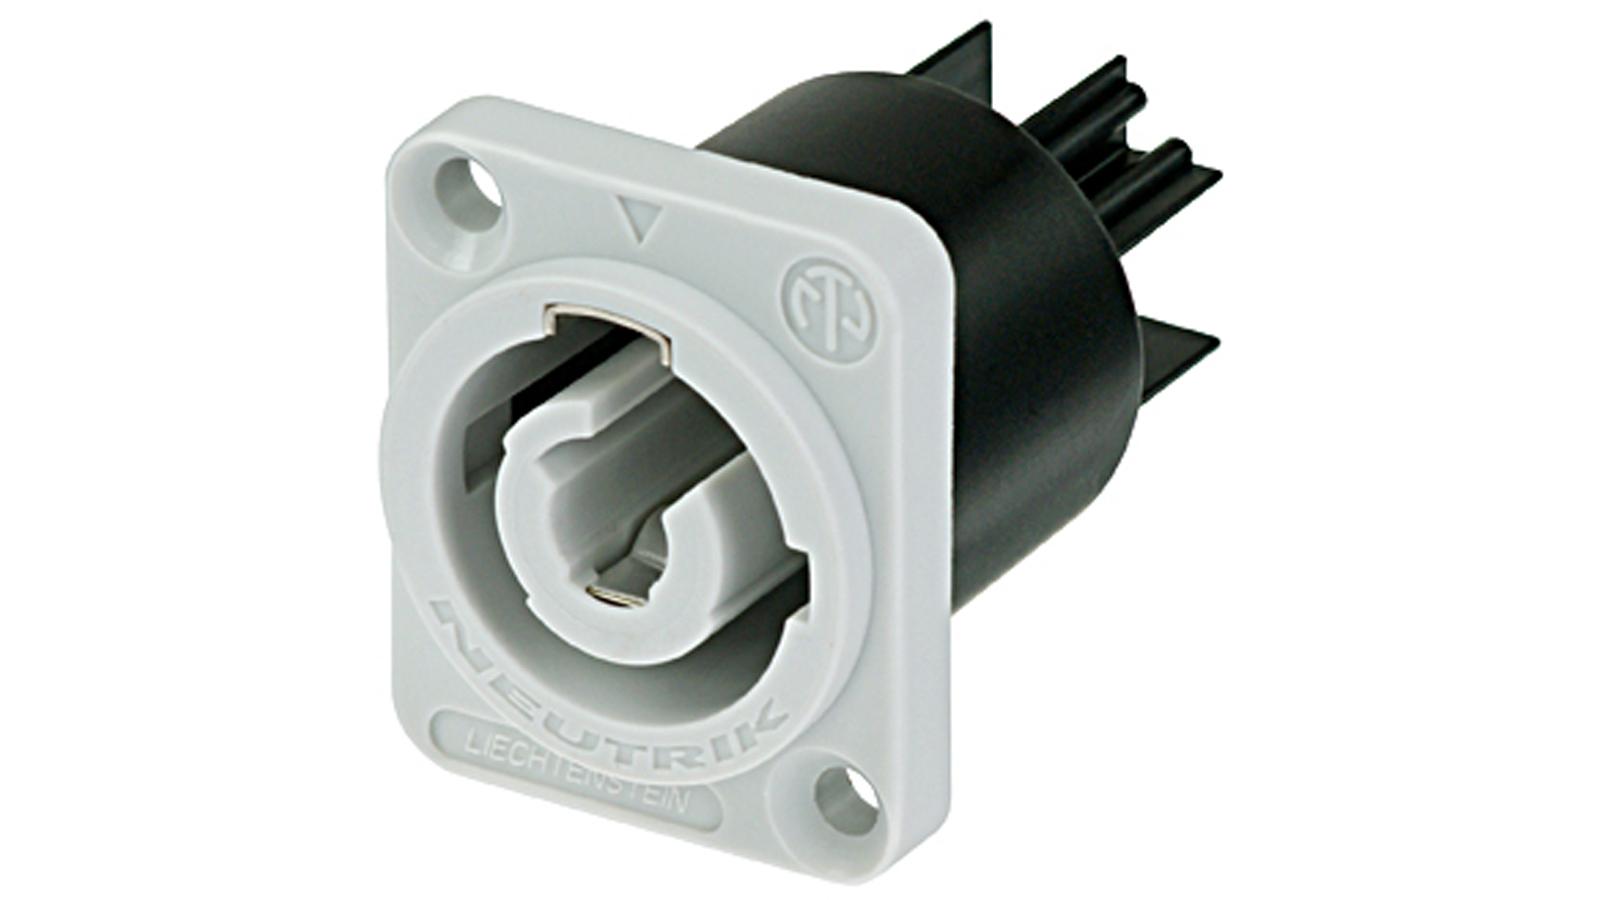 Neutrik NAC3MPB Powercon Buchse 250 V grau